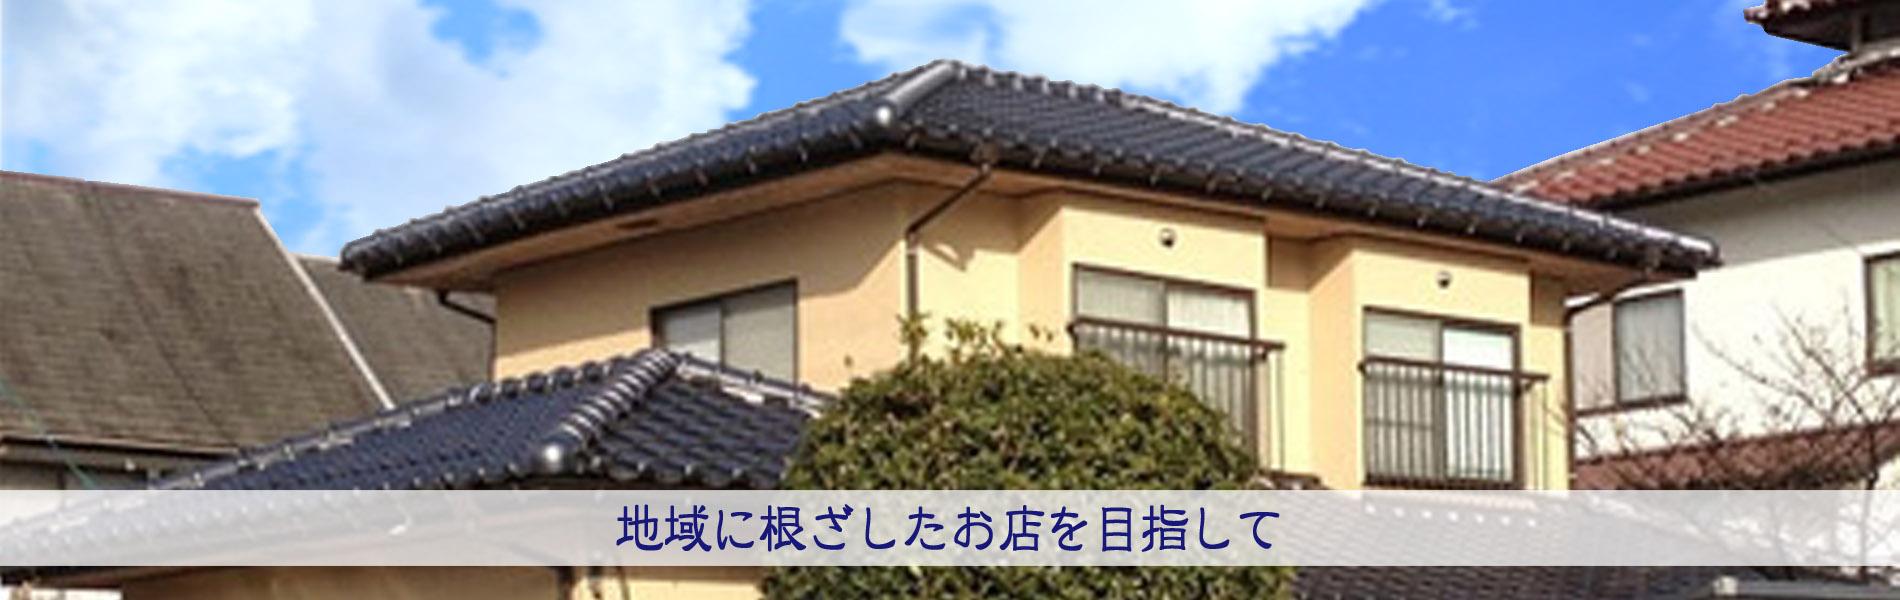 広島の屋根や瓦の修理・雨漏り・葺き替え・工事は一級かわらぶき技能士(厚生労働大臣認定)による確かな技術と確実な施工の屋根・瓦のお店 ウィズホームへおまかせ下さい